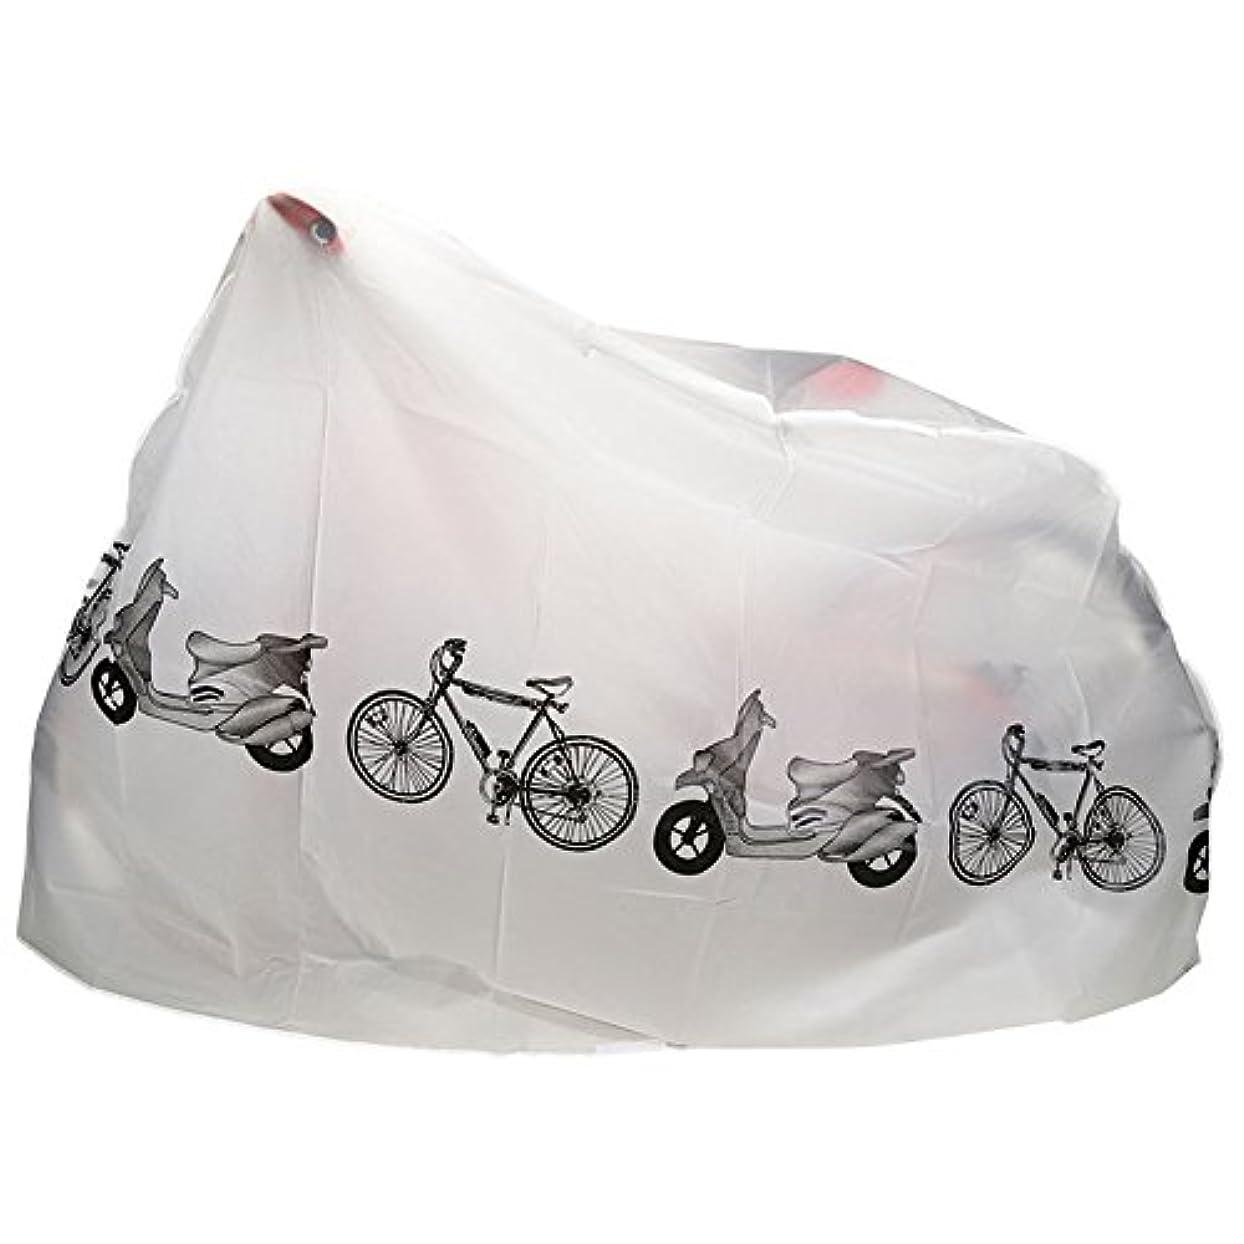 延ばす代理人手綱RaiFu 自転車カバー バイク 防水 防雨 防塵 屋外 スクーターの保護カバー